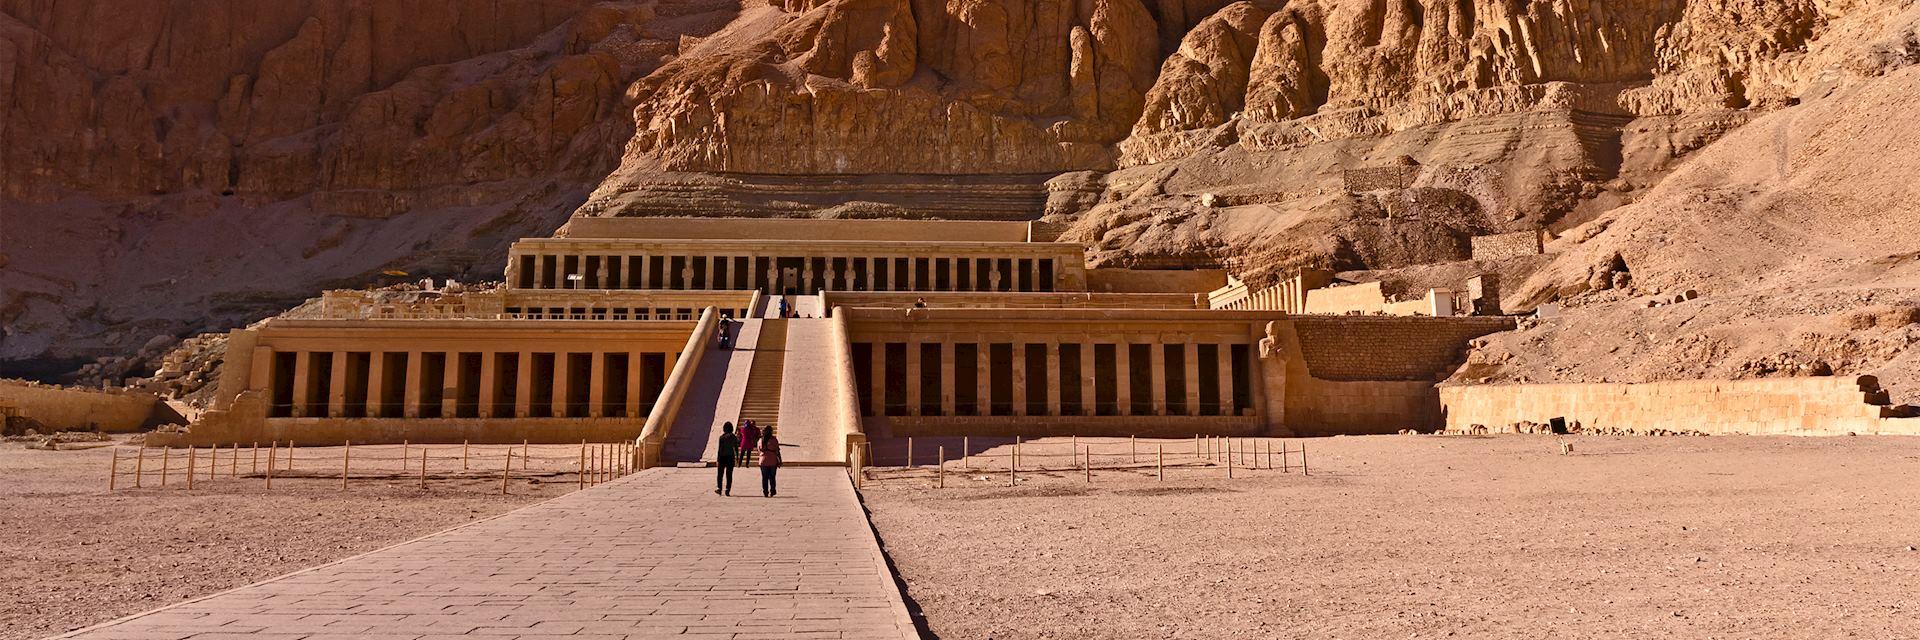 Hatshepsut Temple, West Bank, Luxor